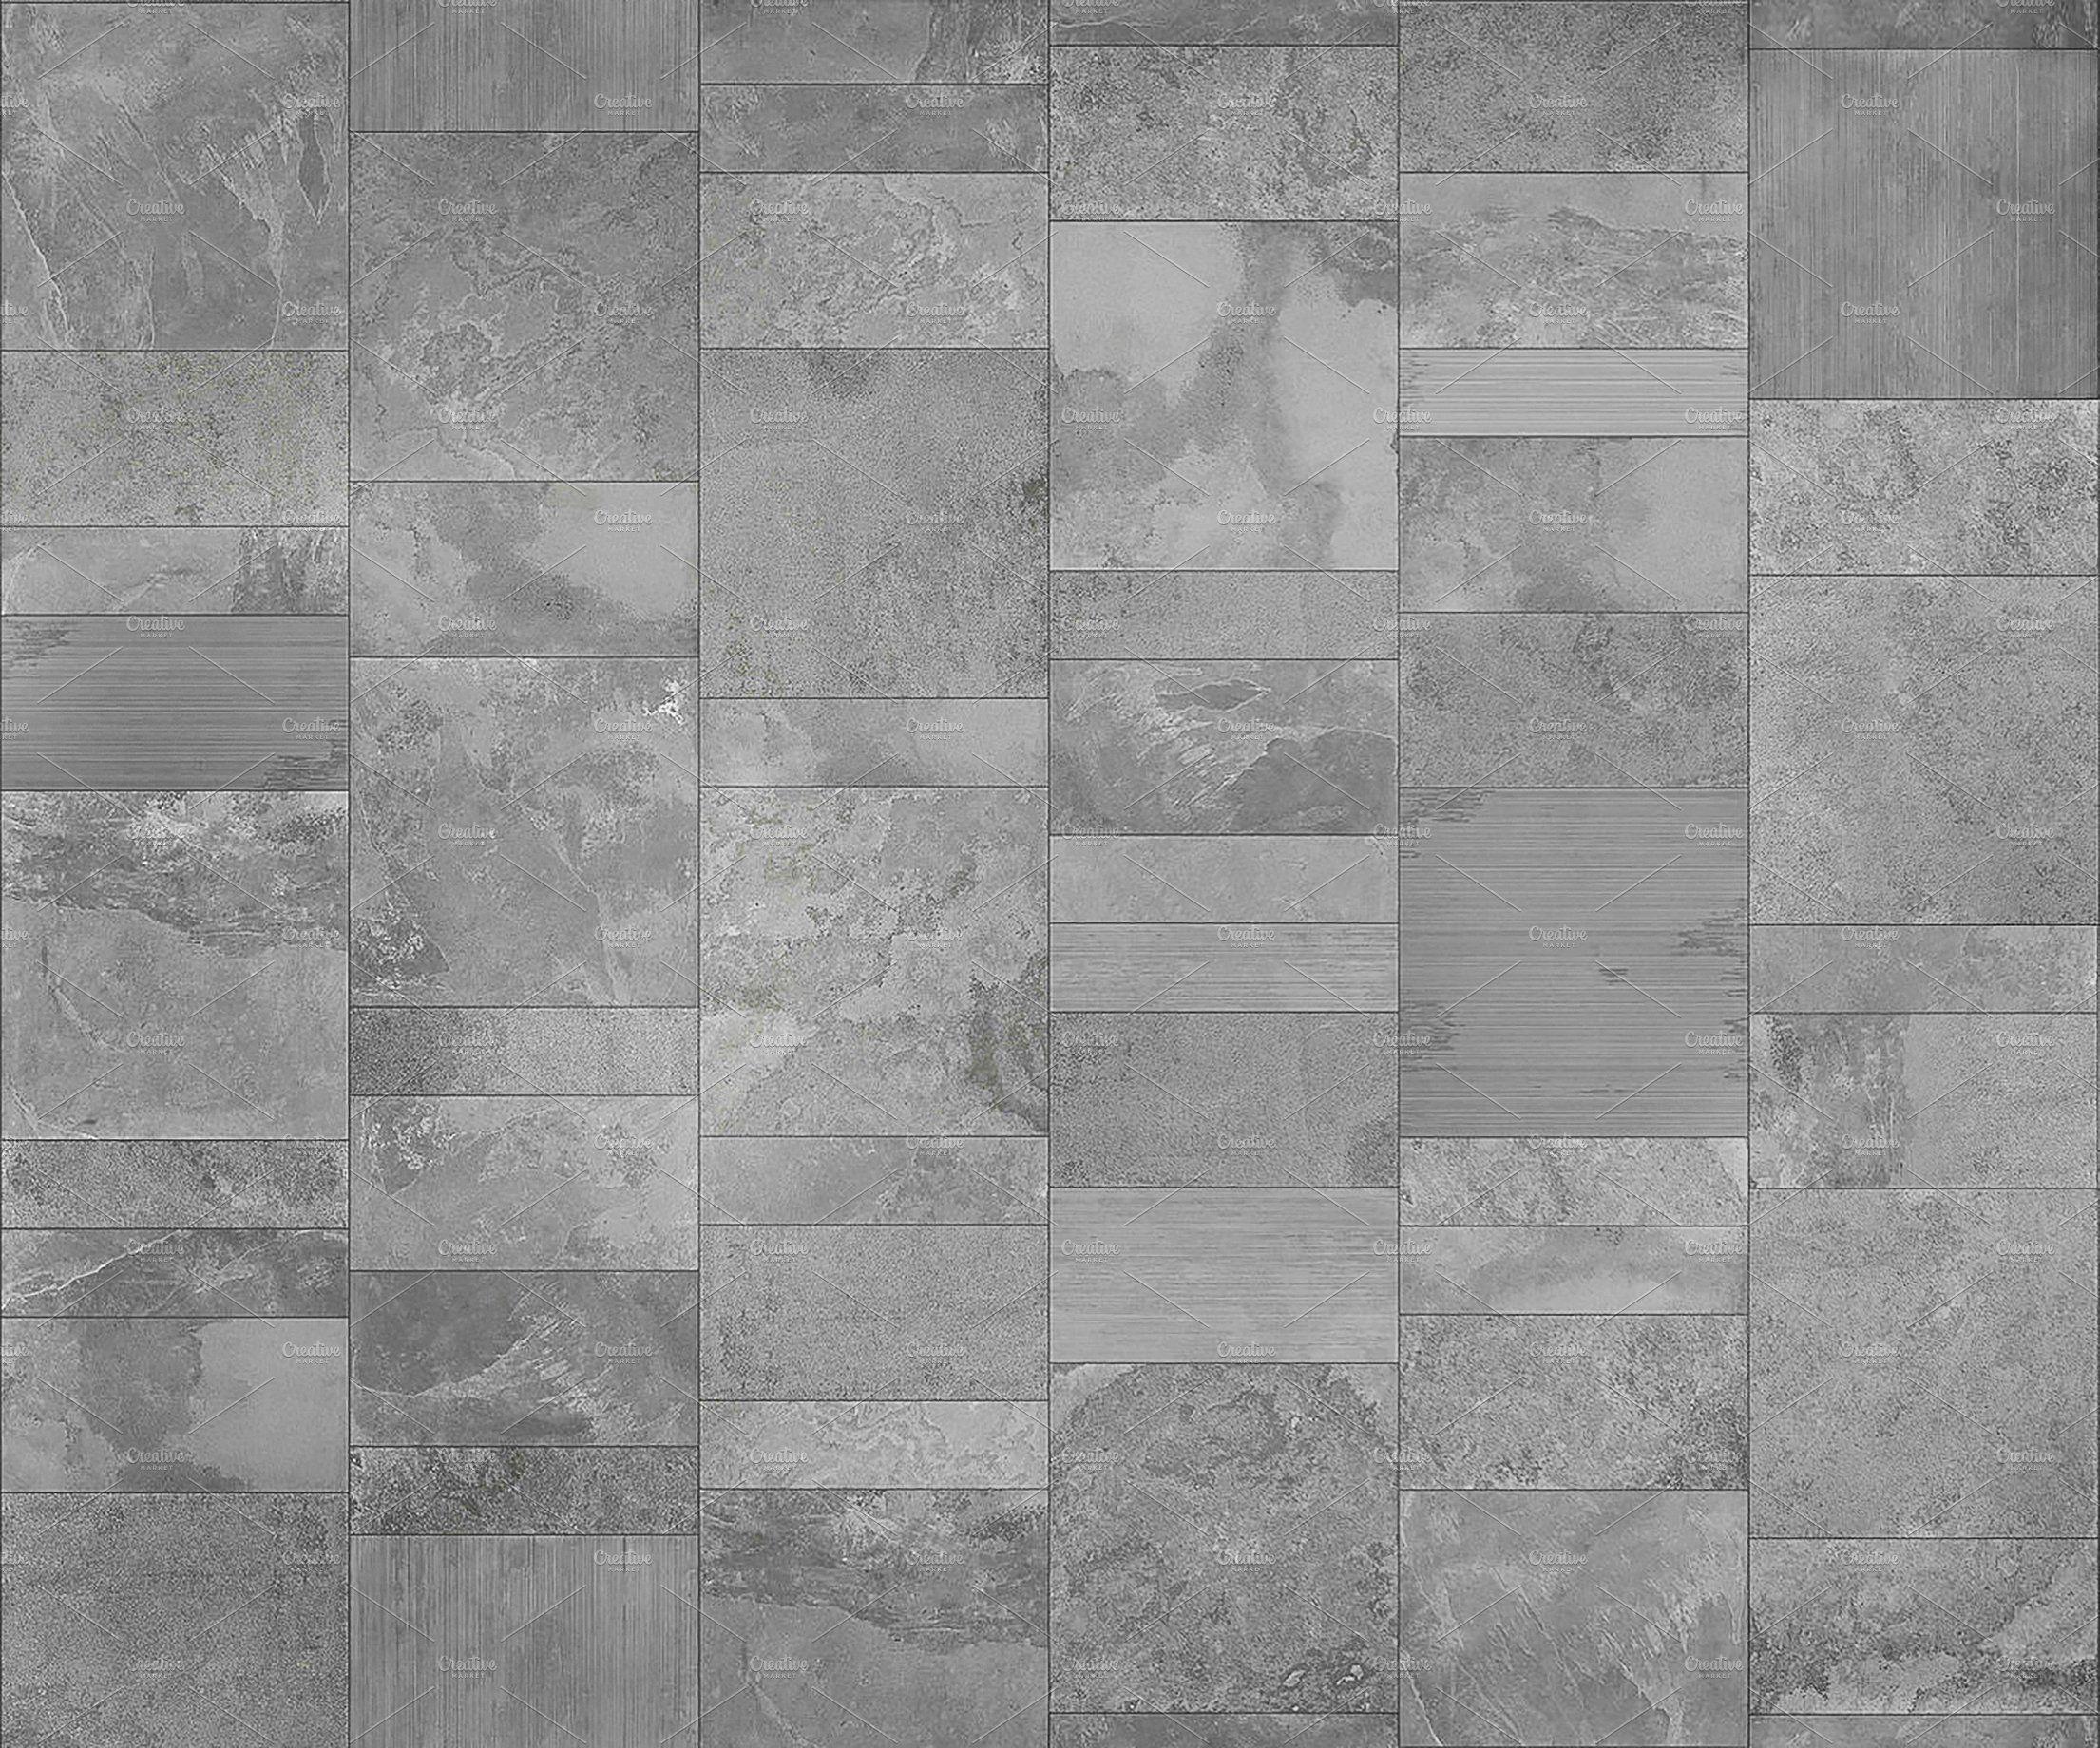 floor texture in 2020 Tiles texture, Stone floor texture